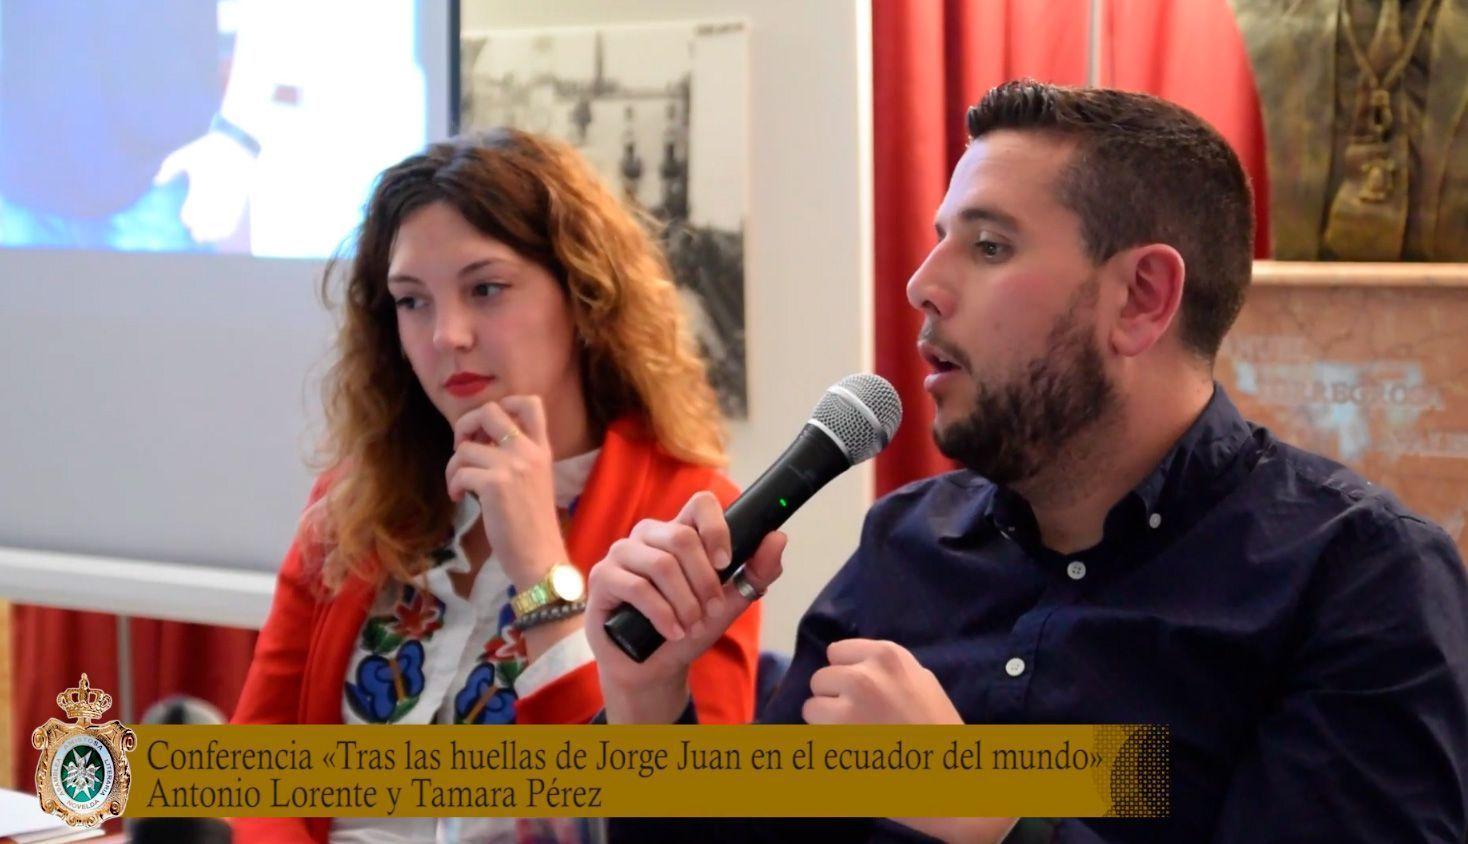 Conferencia 'Tras las huellas de Jorge Juan en el ecuador del mundo'